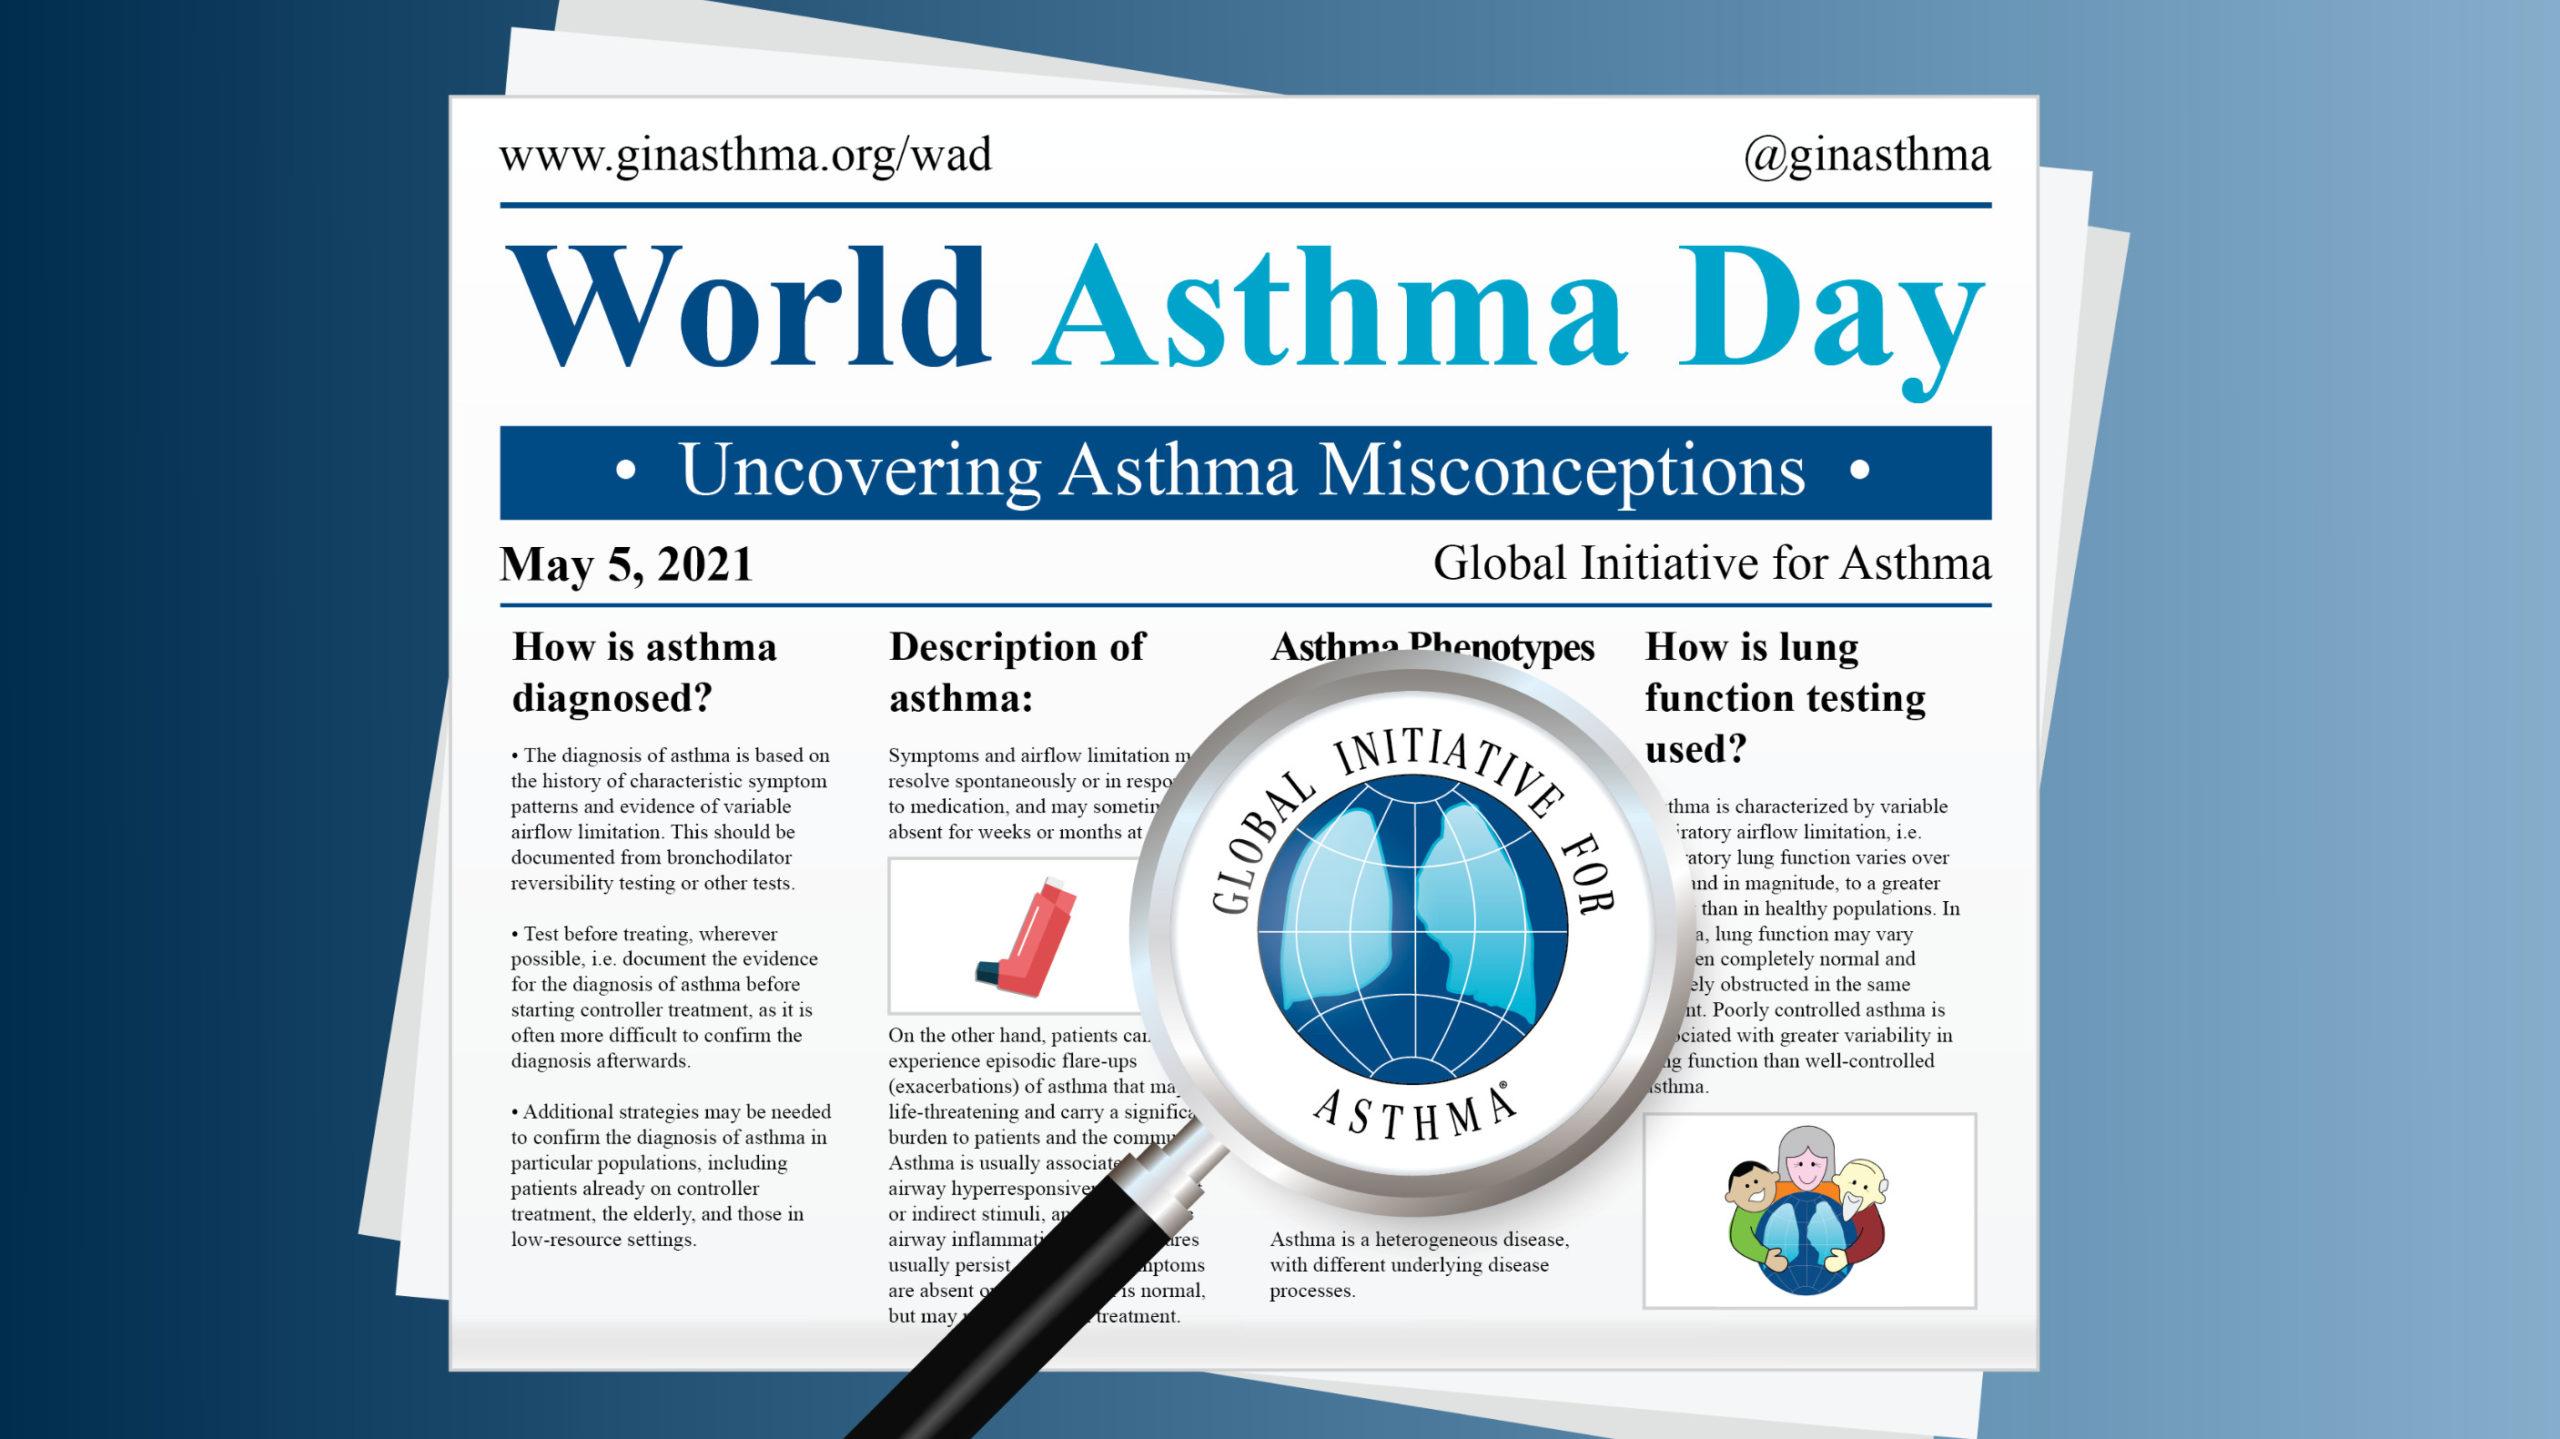 día mundial del asma 2021